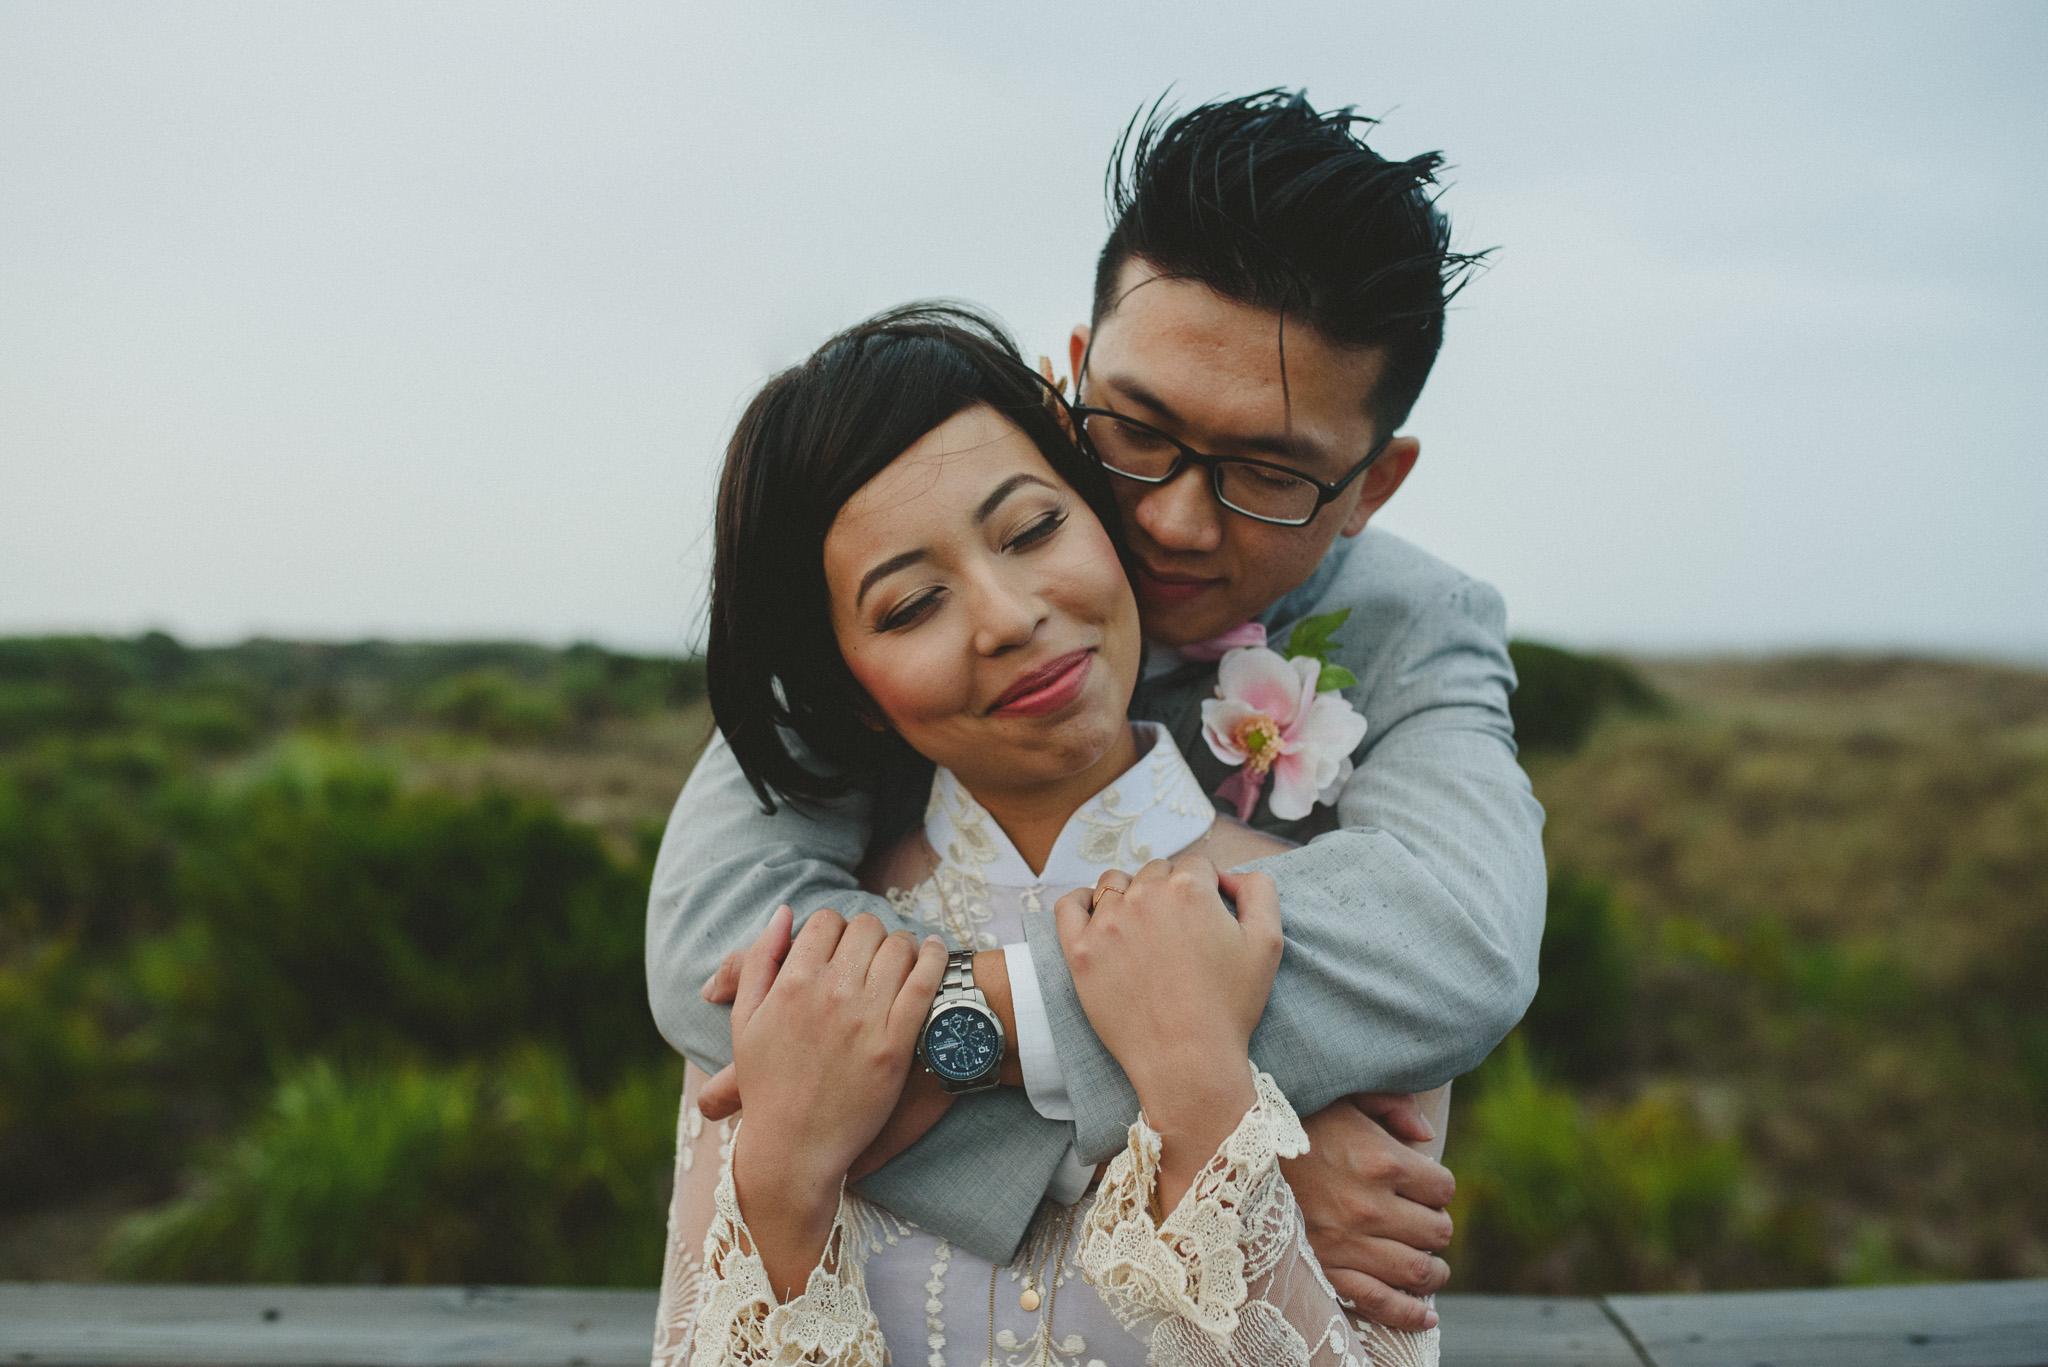 Tybee Island Wedding Photographer - Couple hugging